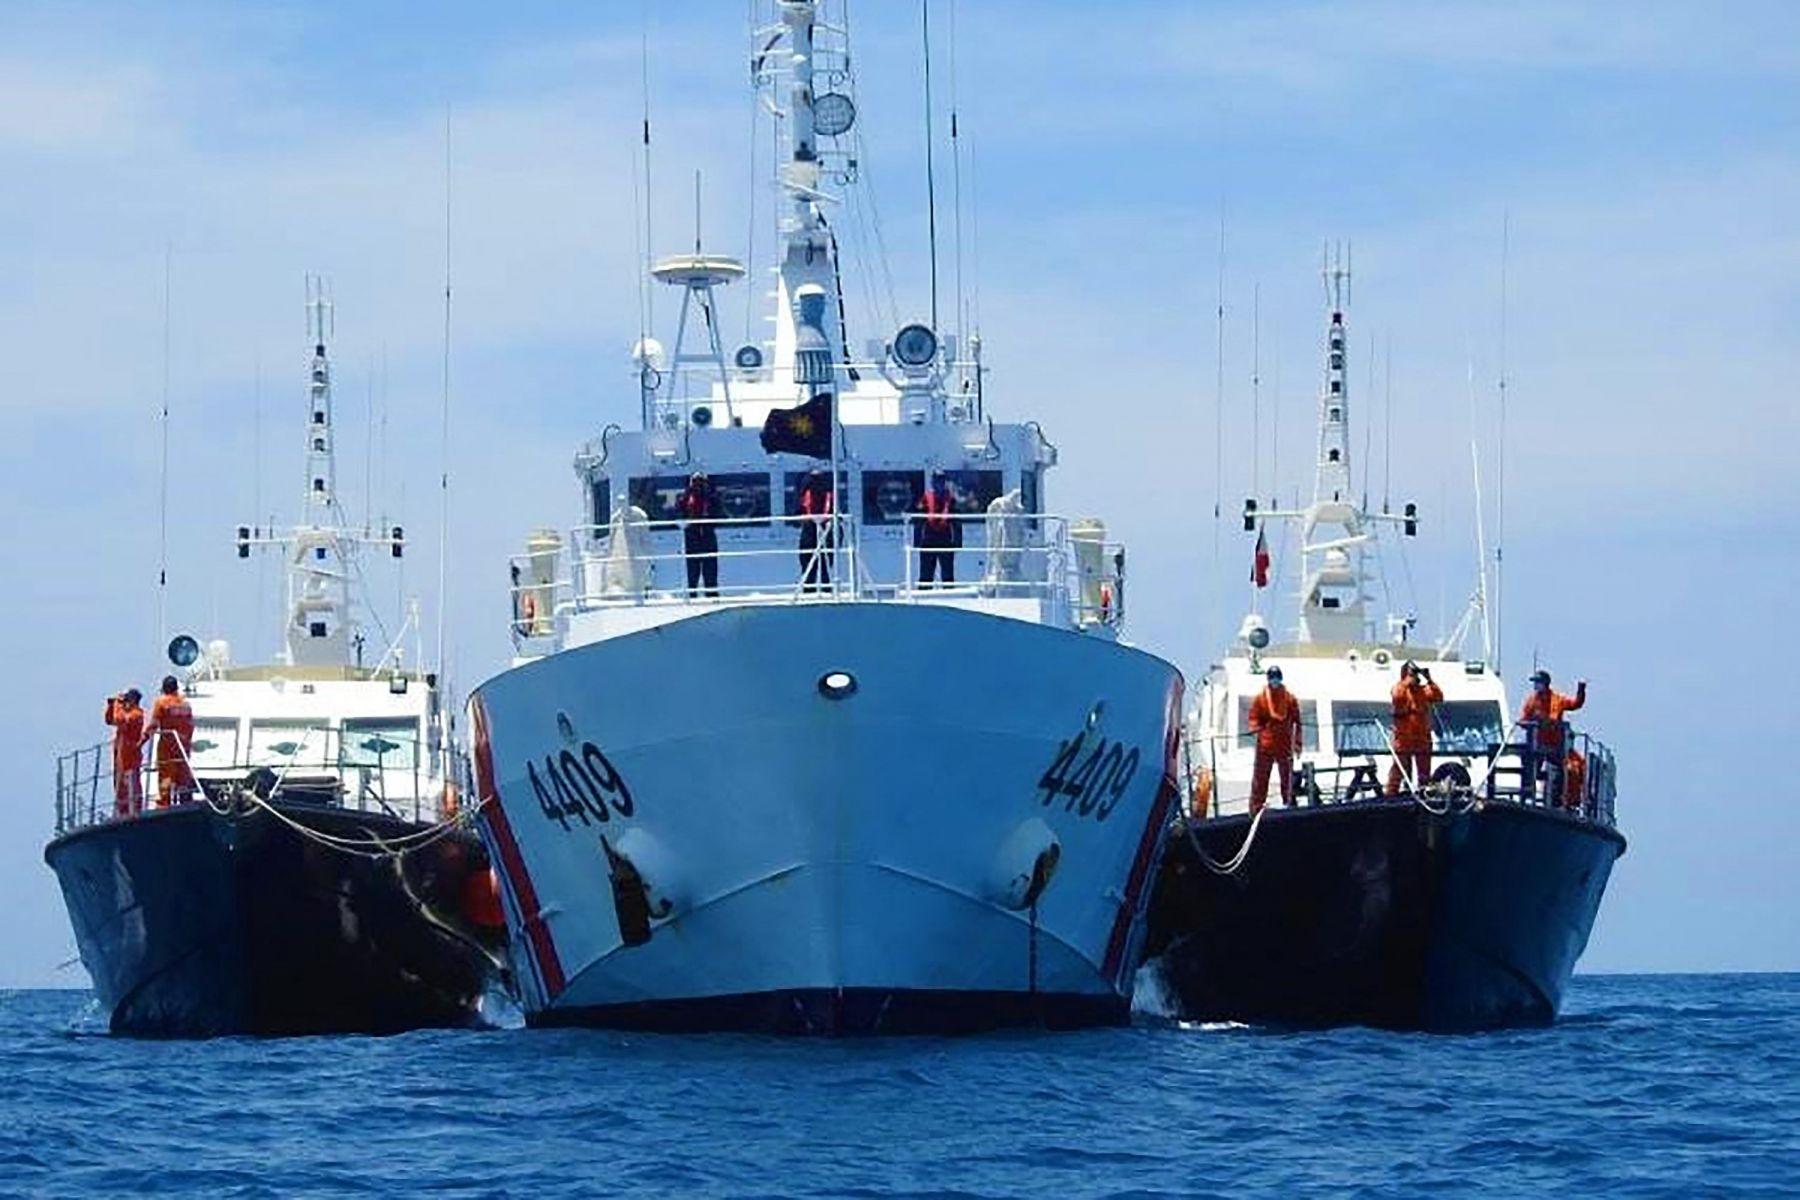 Philippine Coast Guard/AFP